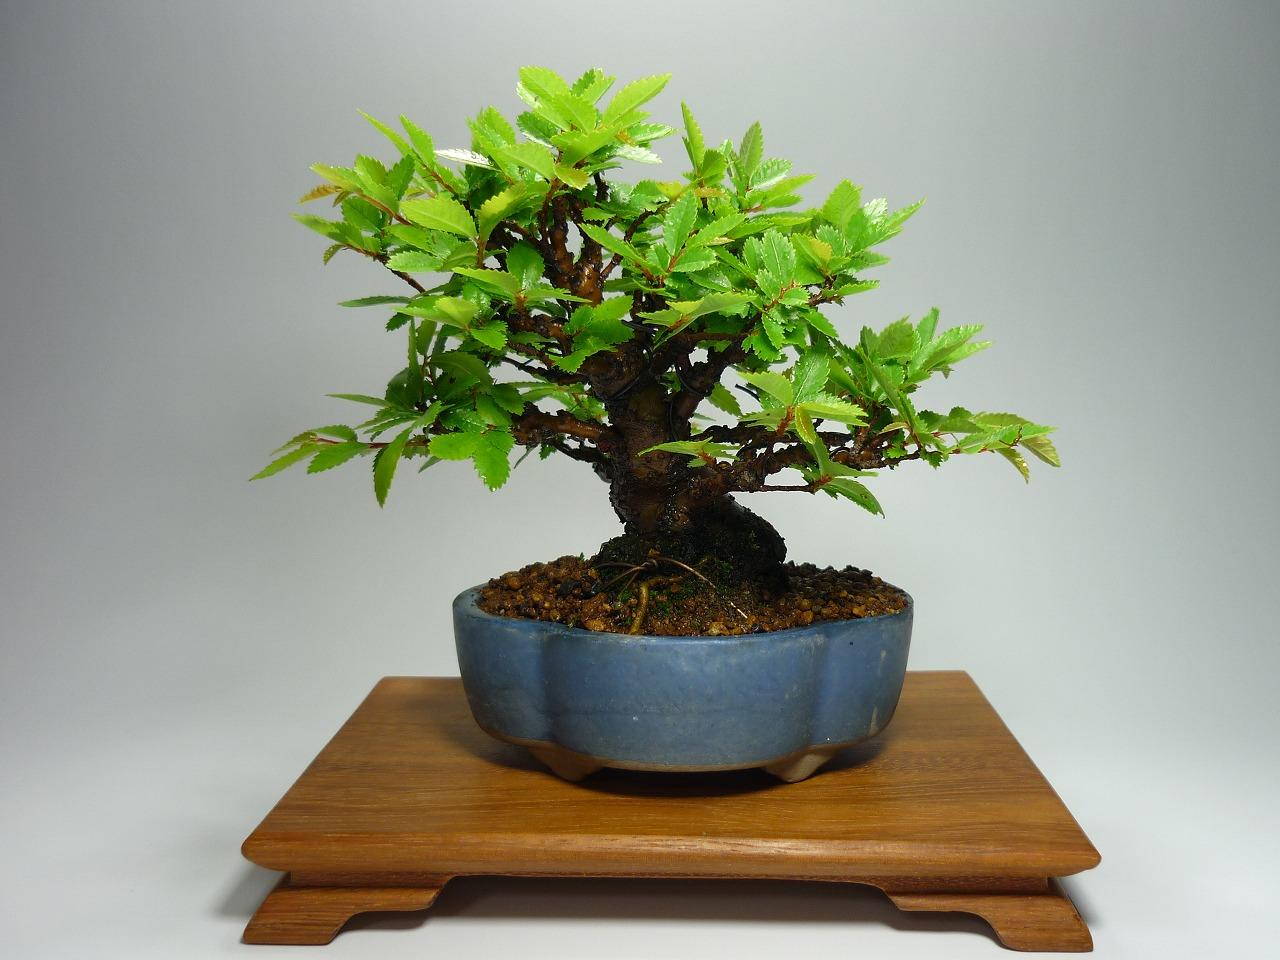 素敵な鉢で可愛いミニ盆栽♪ 癒しの空間作りはじめてみませんか?のサムネイル画像